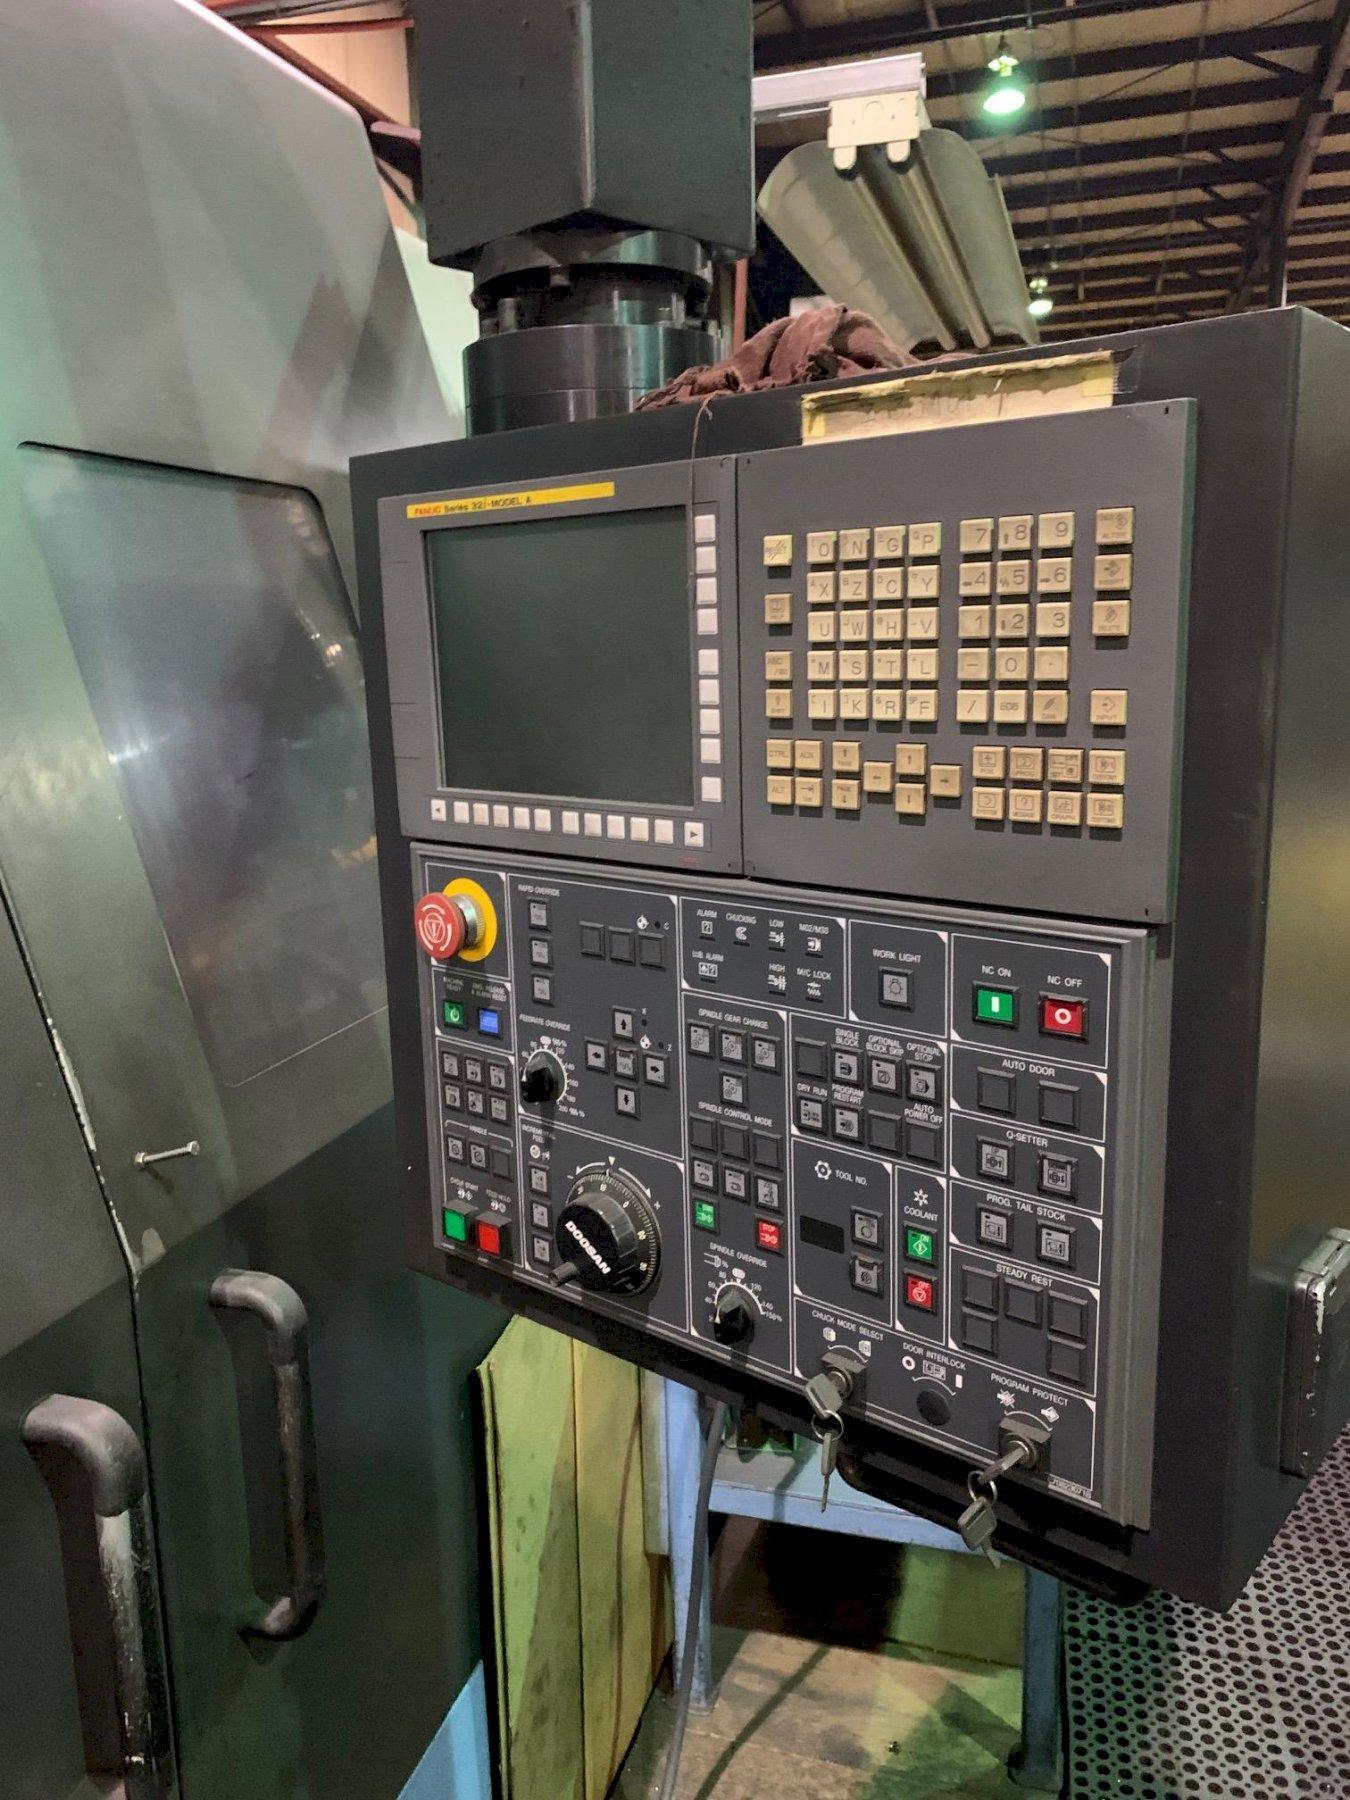 DOOSAN2012 Doosan Puma 700 CNC Lathe